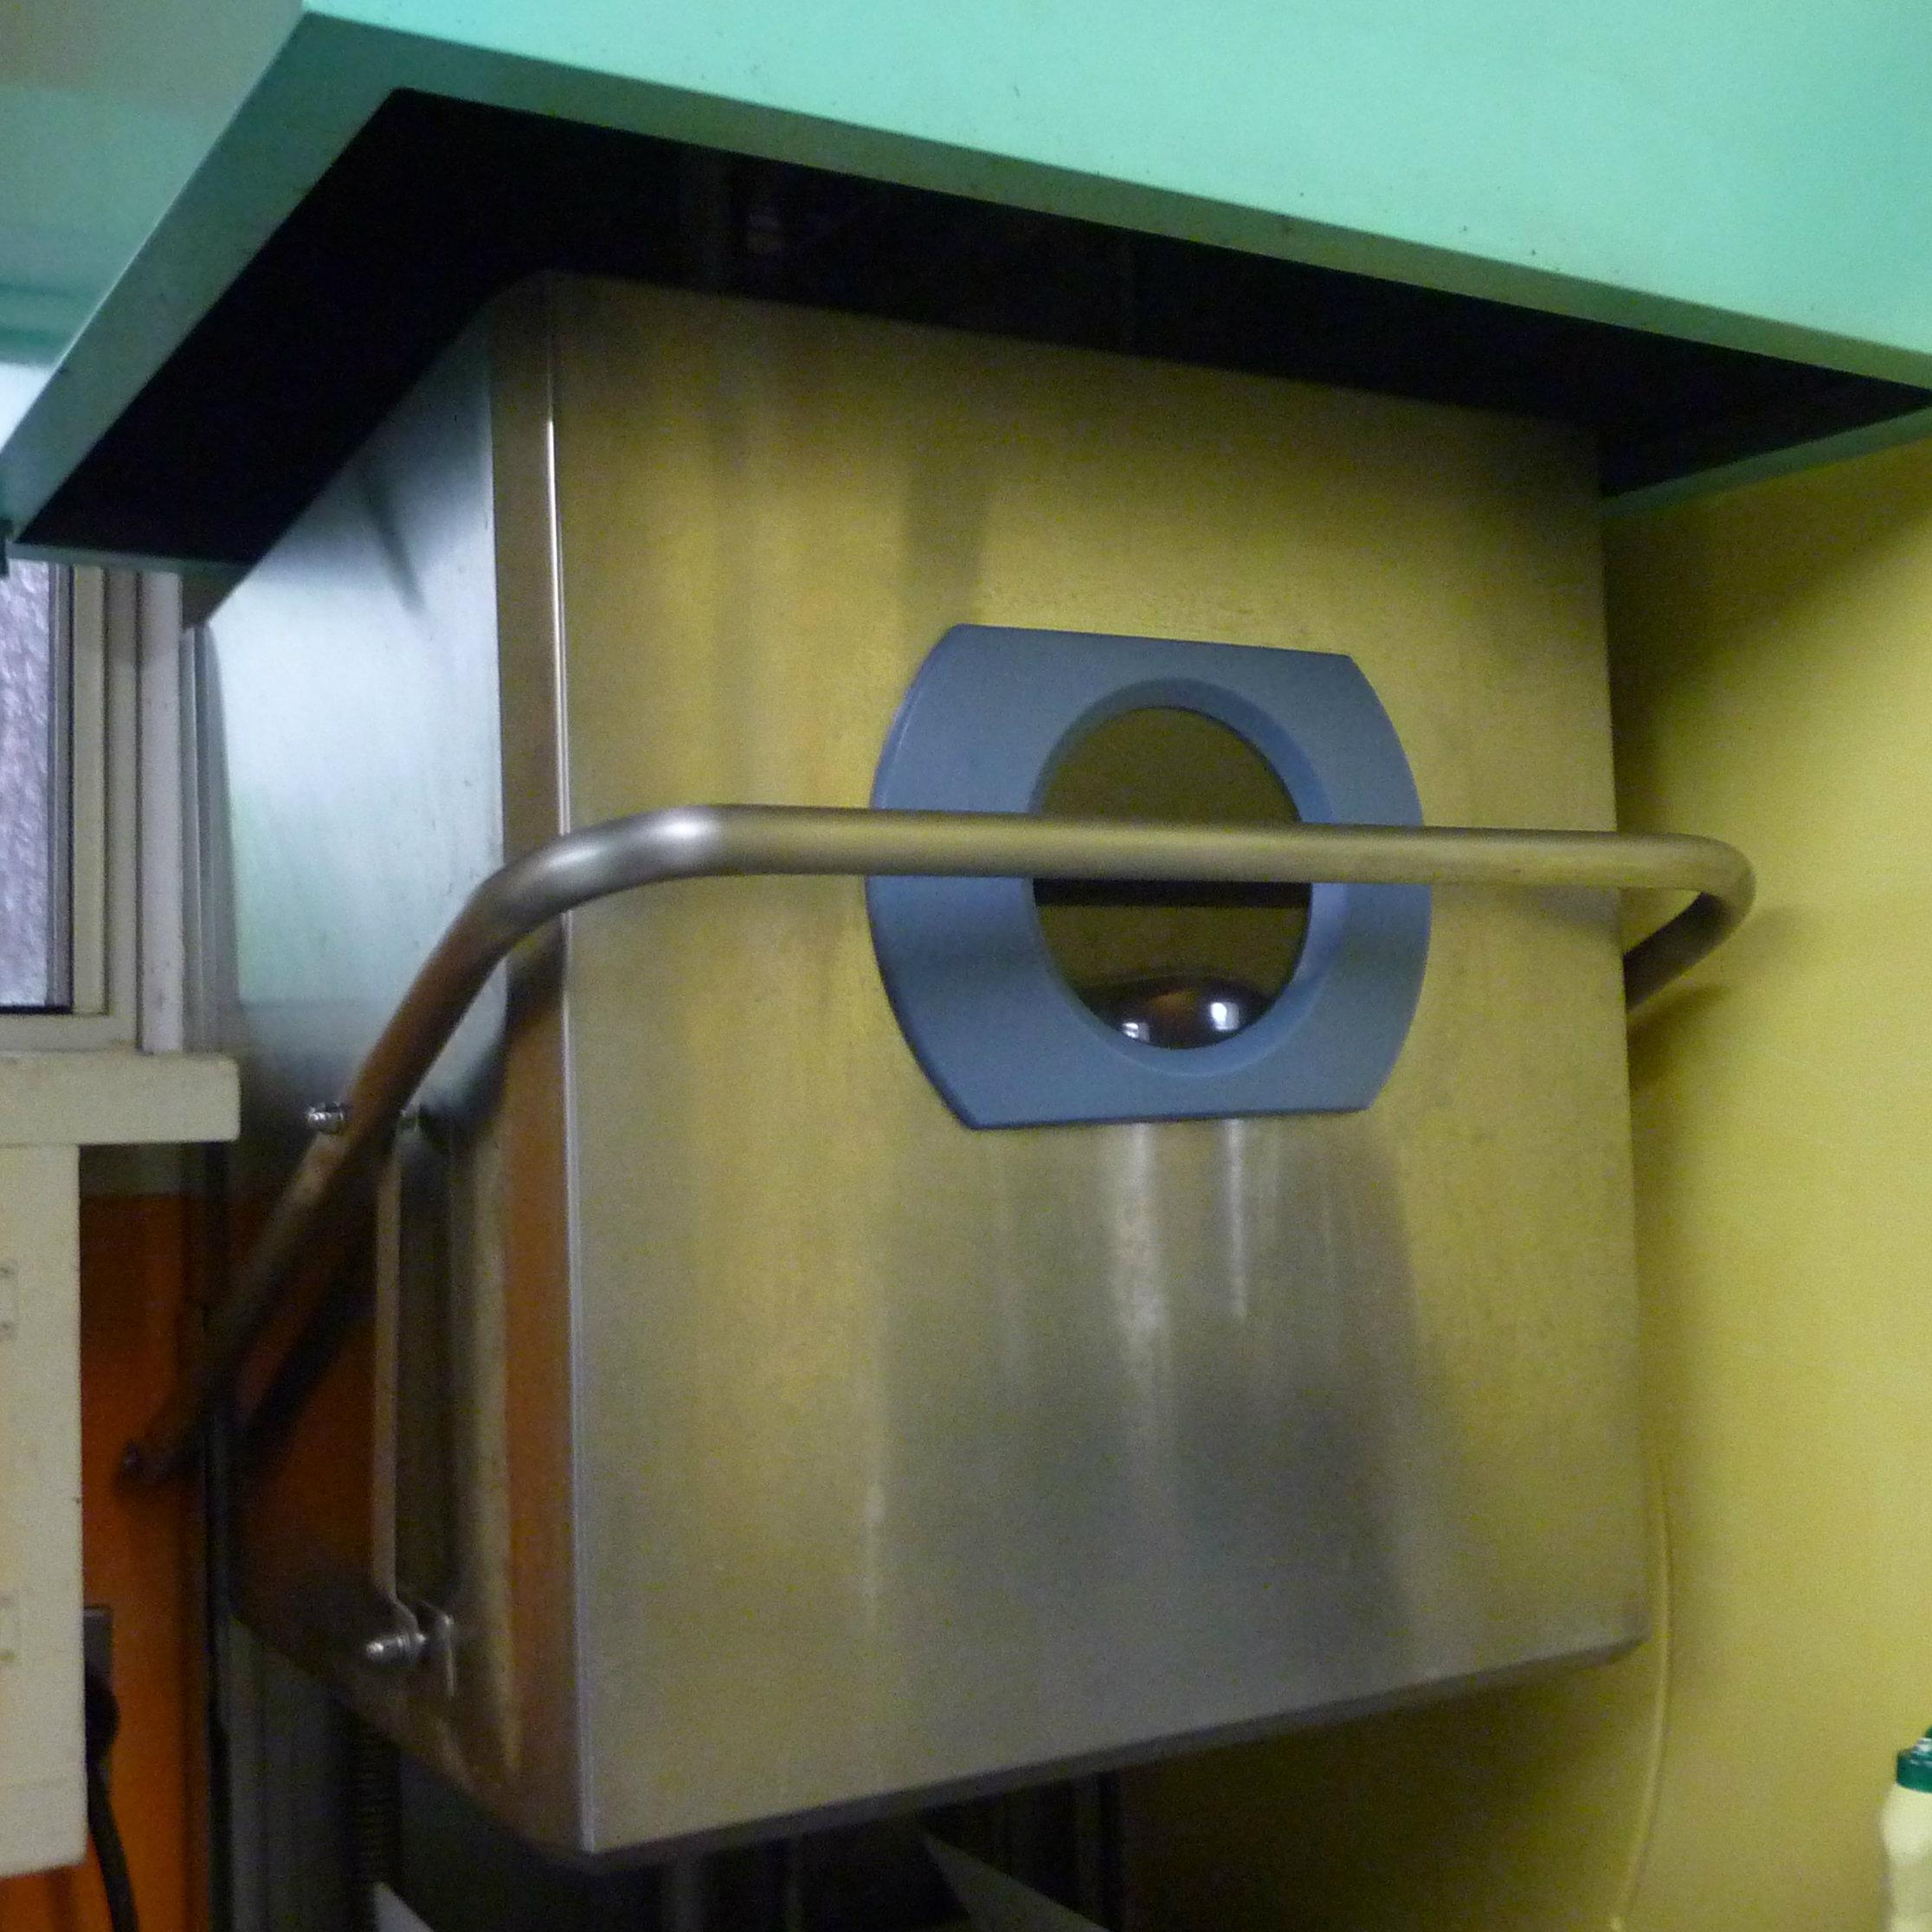 甲府市レストラン開業:<飲食店営業許可>換気扇フードの設置場所に決まりはありますか?